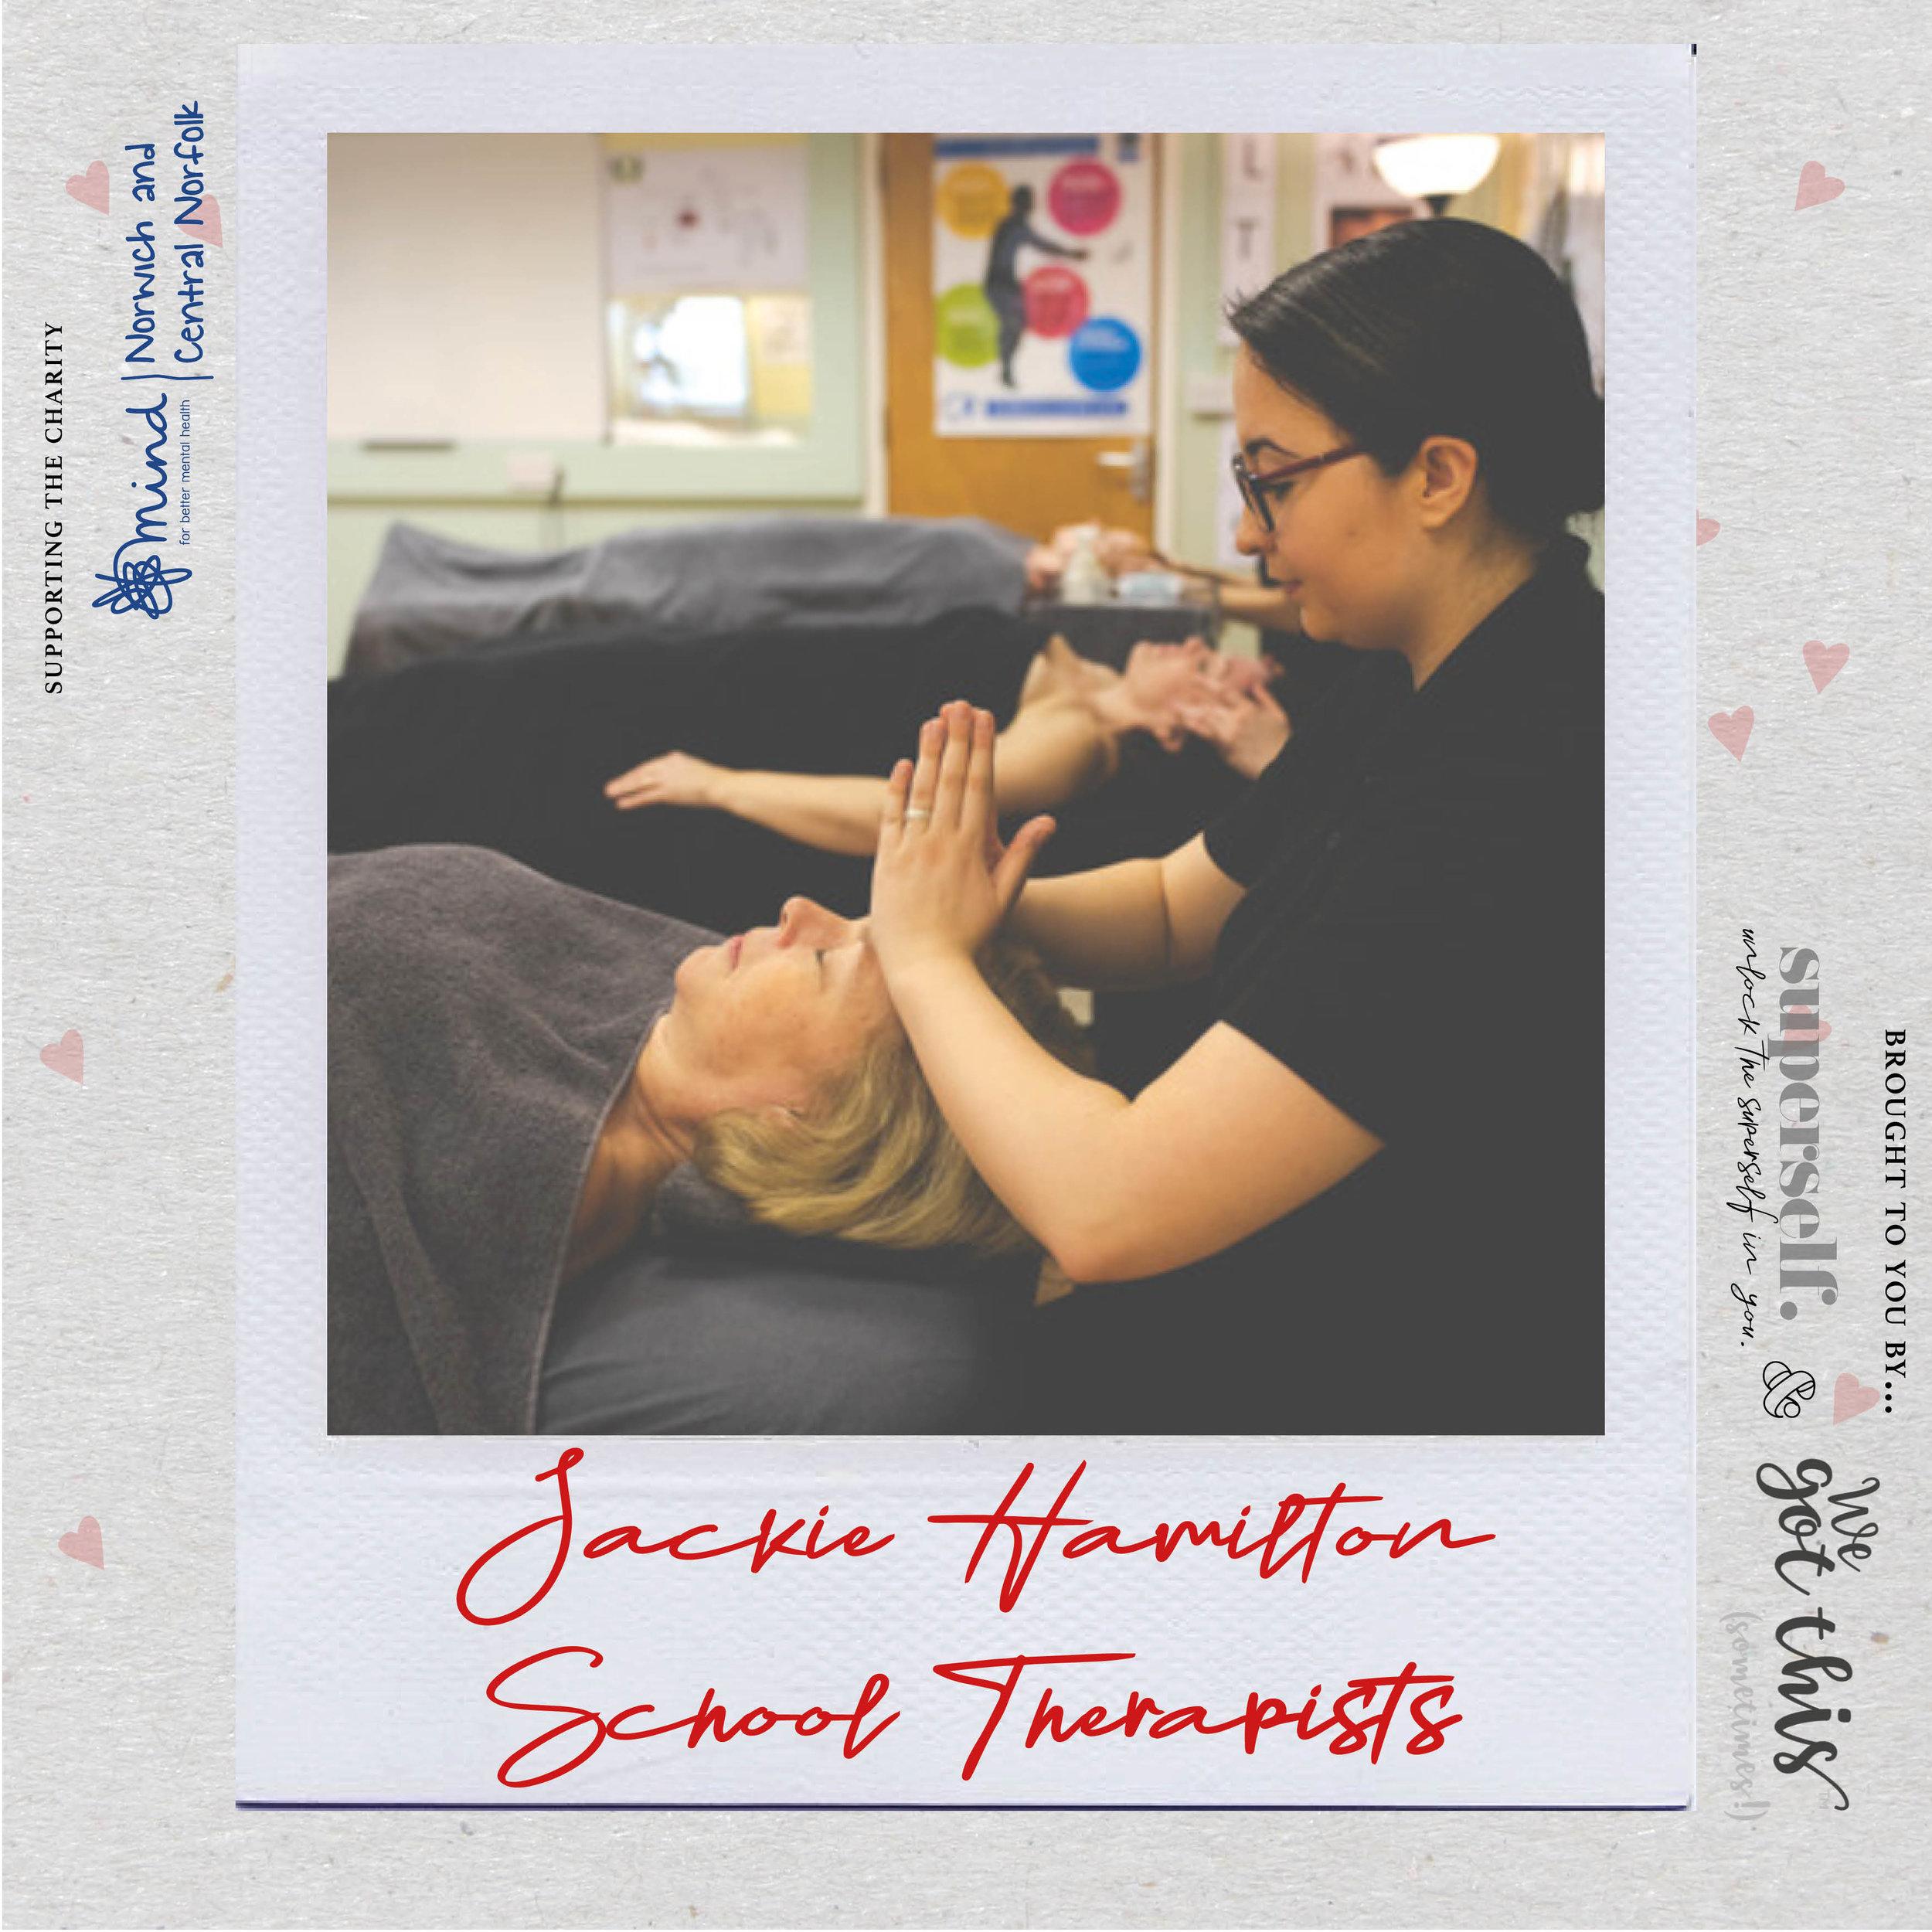 Jackie Hamilton Superself.jpg